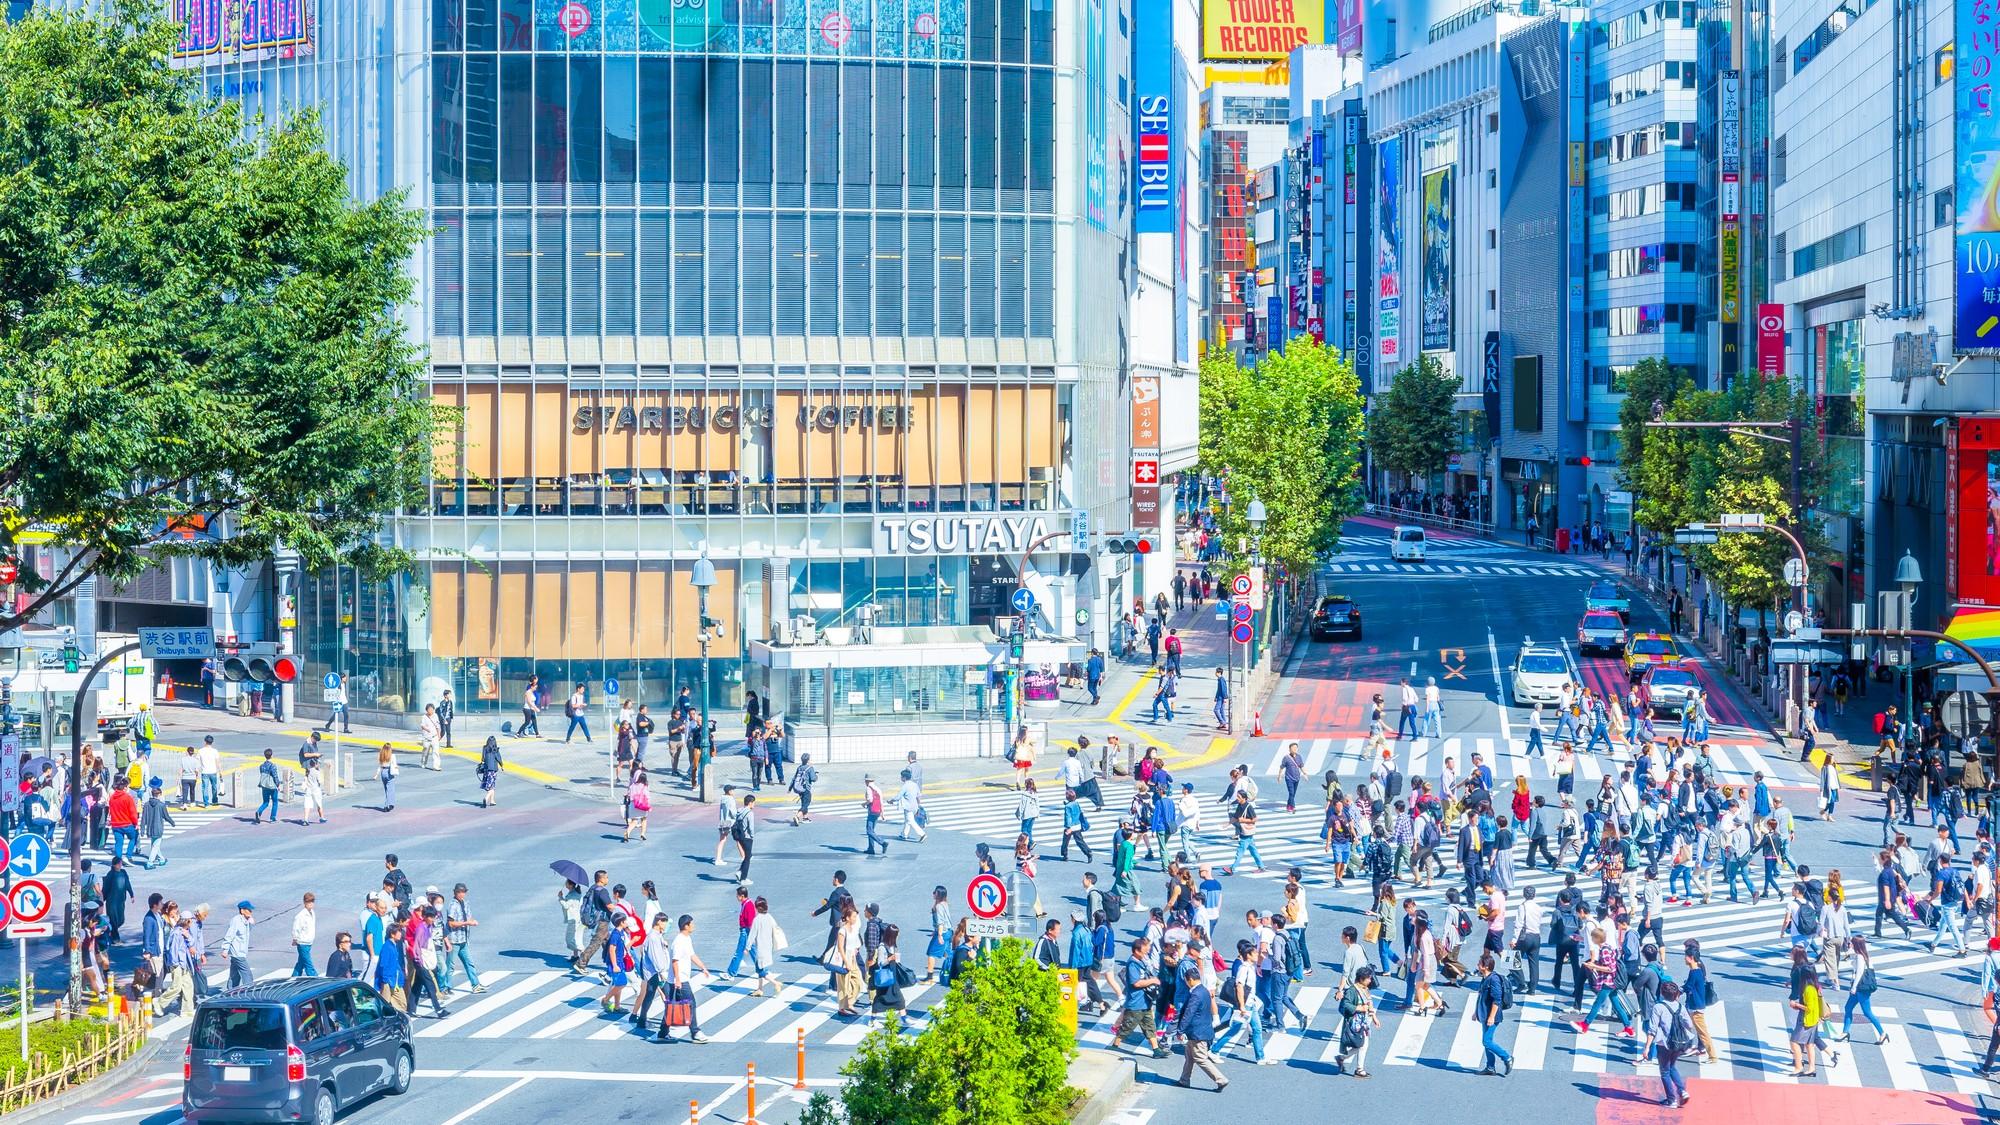 人が住むのに適した場所ではない…なぜ東京に住み続けるのか?